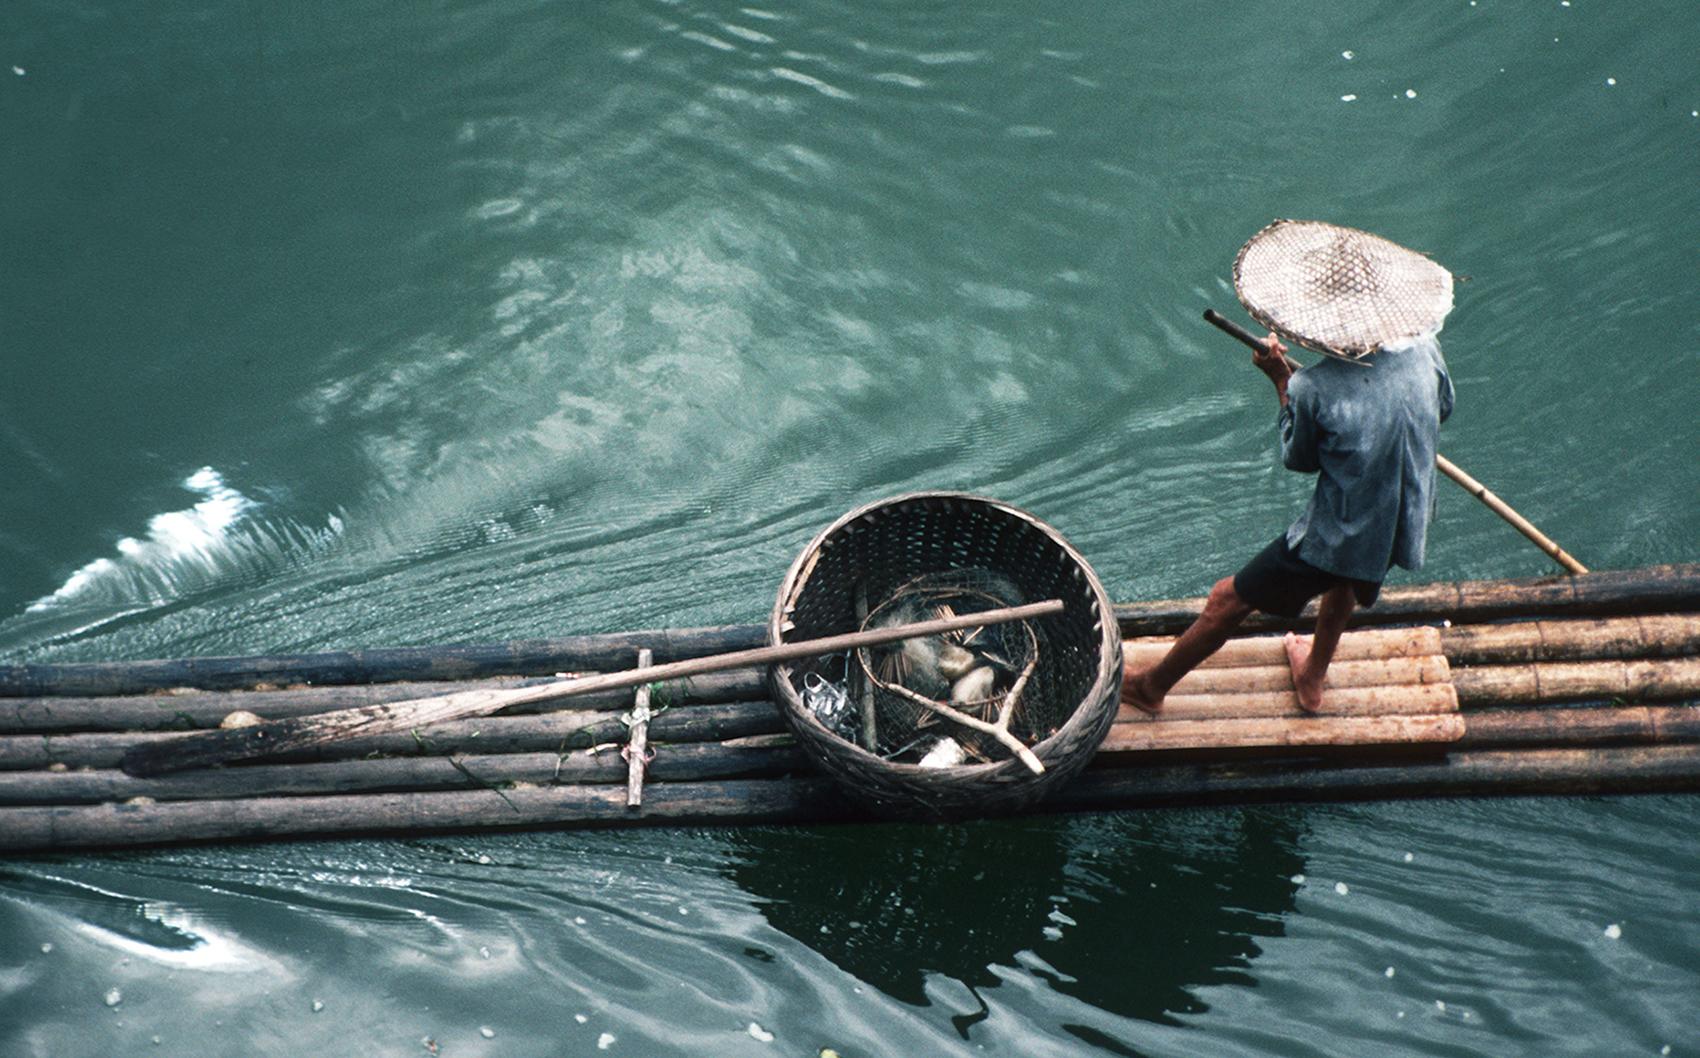 sistemata Sonia Costa_The raft, Guilin China